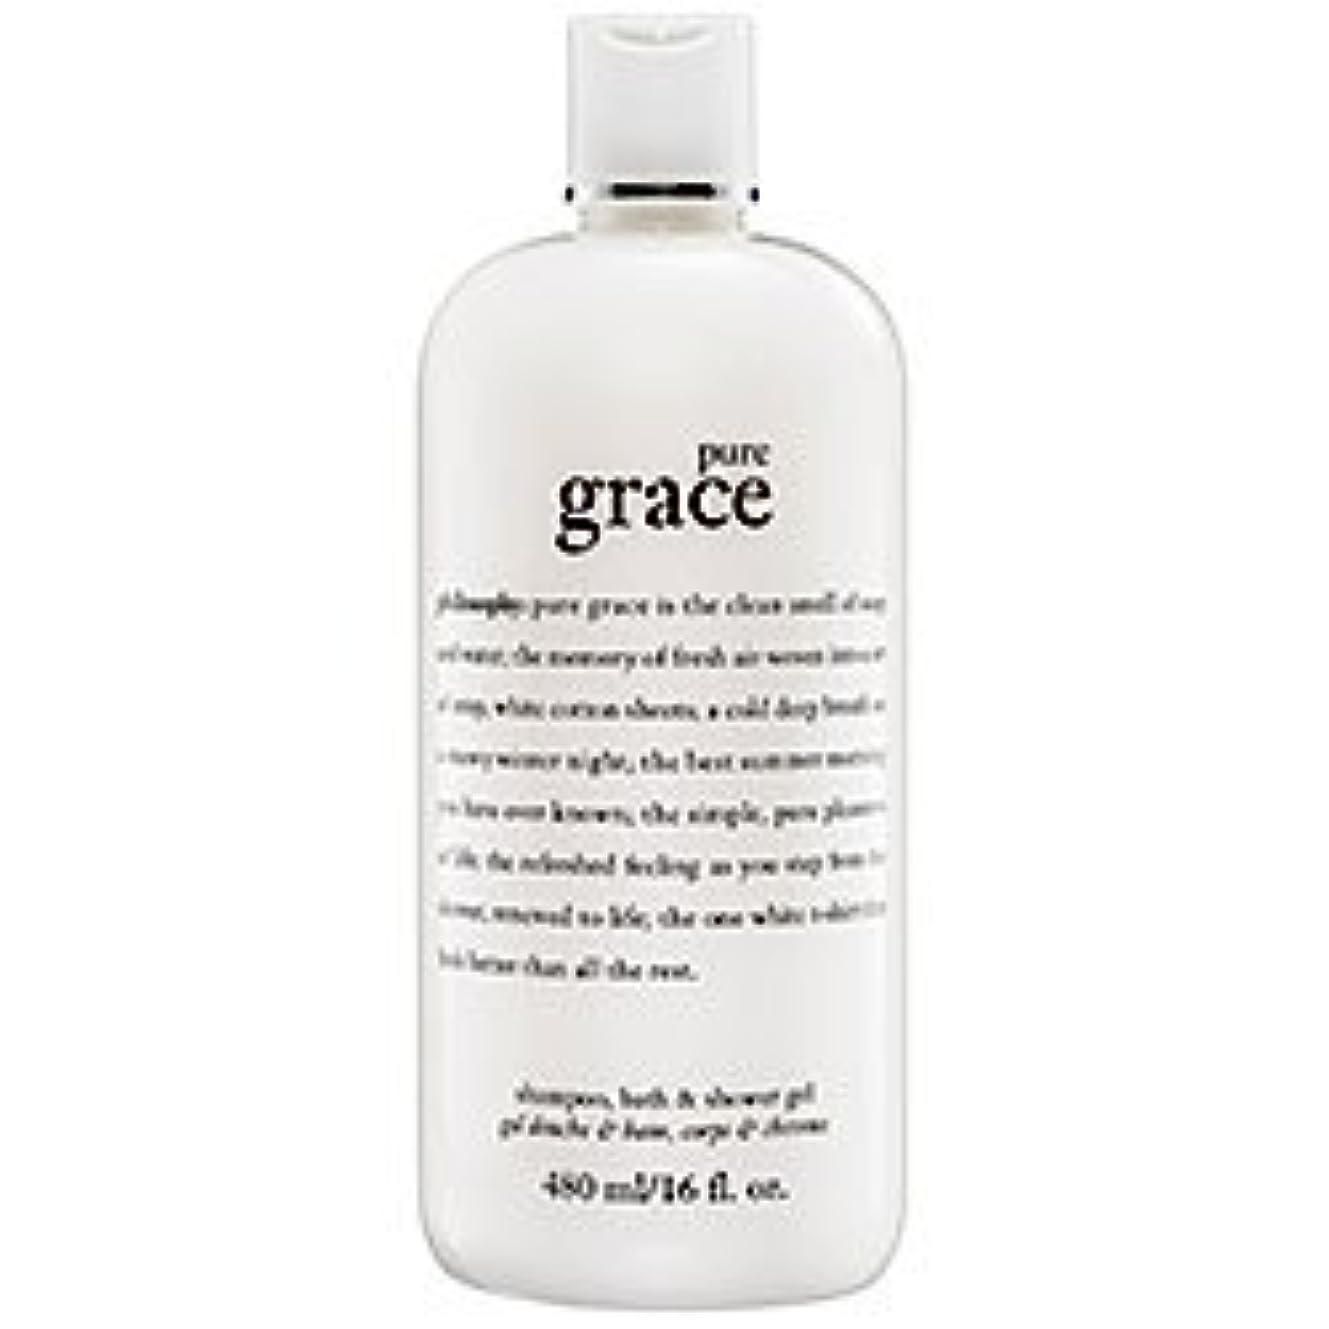 補償並外れてのためpure grace (ピュアグレイス ) 16.0 oz (480ml) foaming bath and shower gel for Women